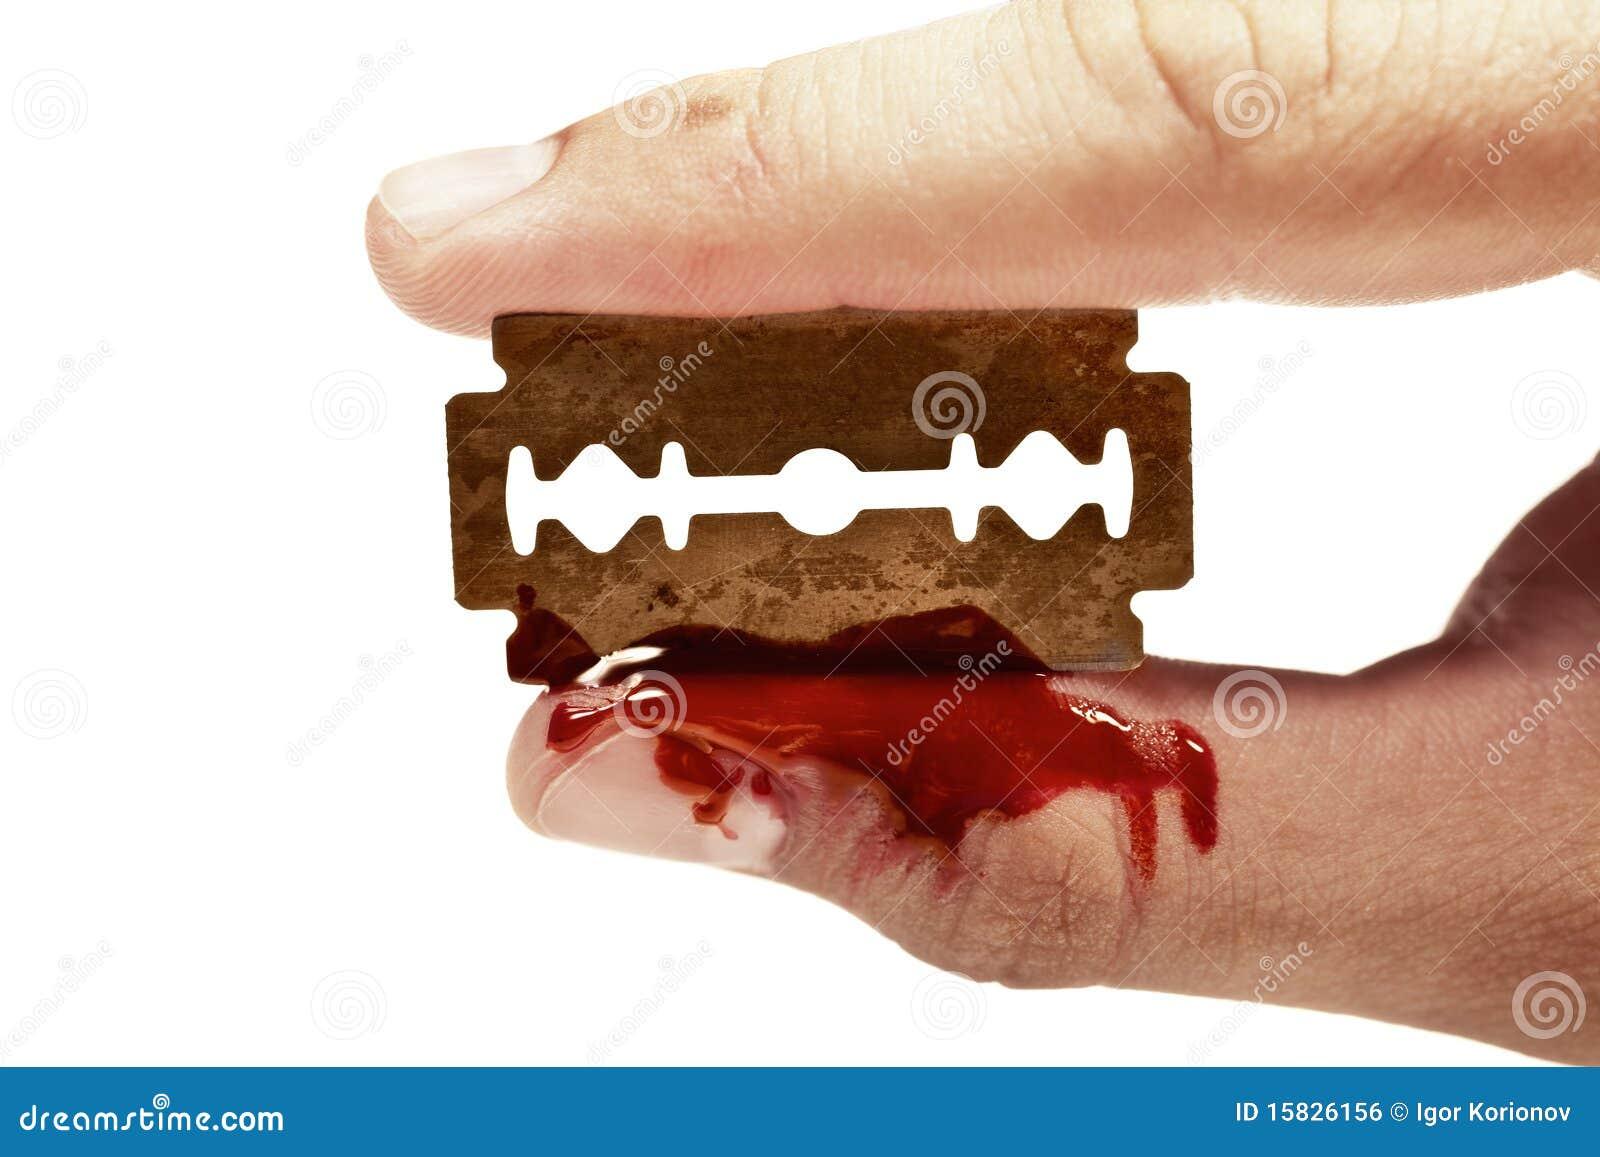 Blodfingrar håller den gammala rakkniven rostig